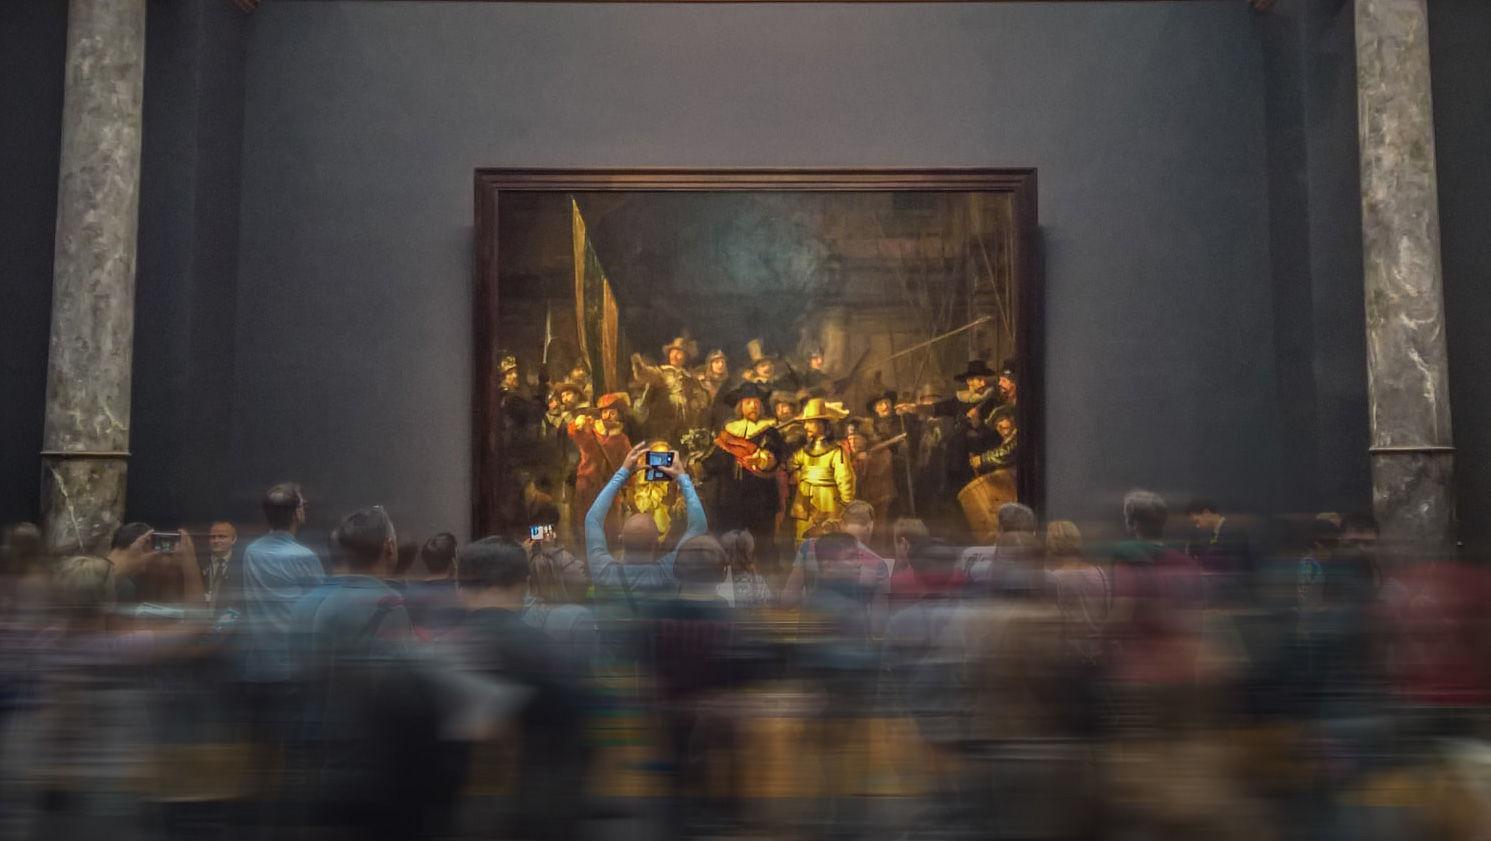 Выставка в музее Rijksmuseum, 2017 ©Фото Václav Pluhař, unsplash.com